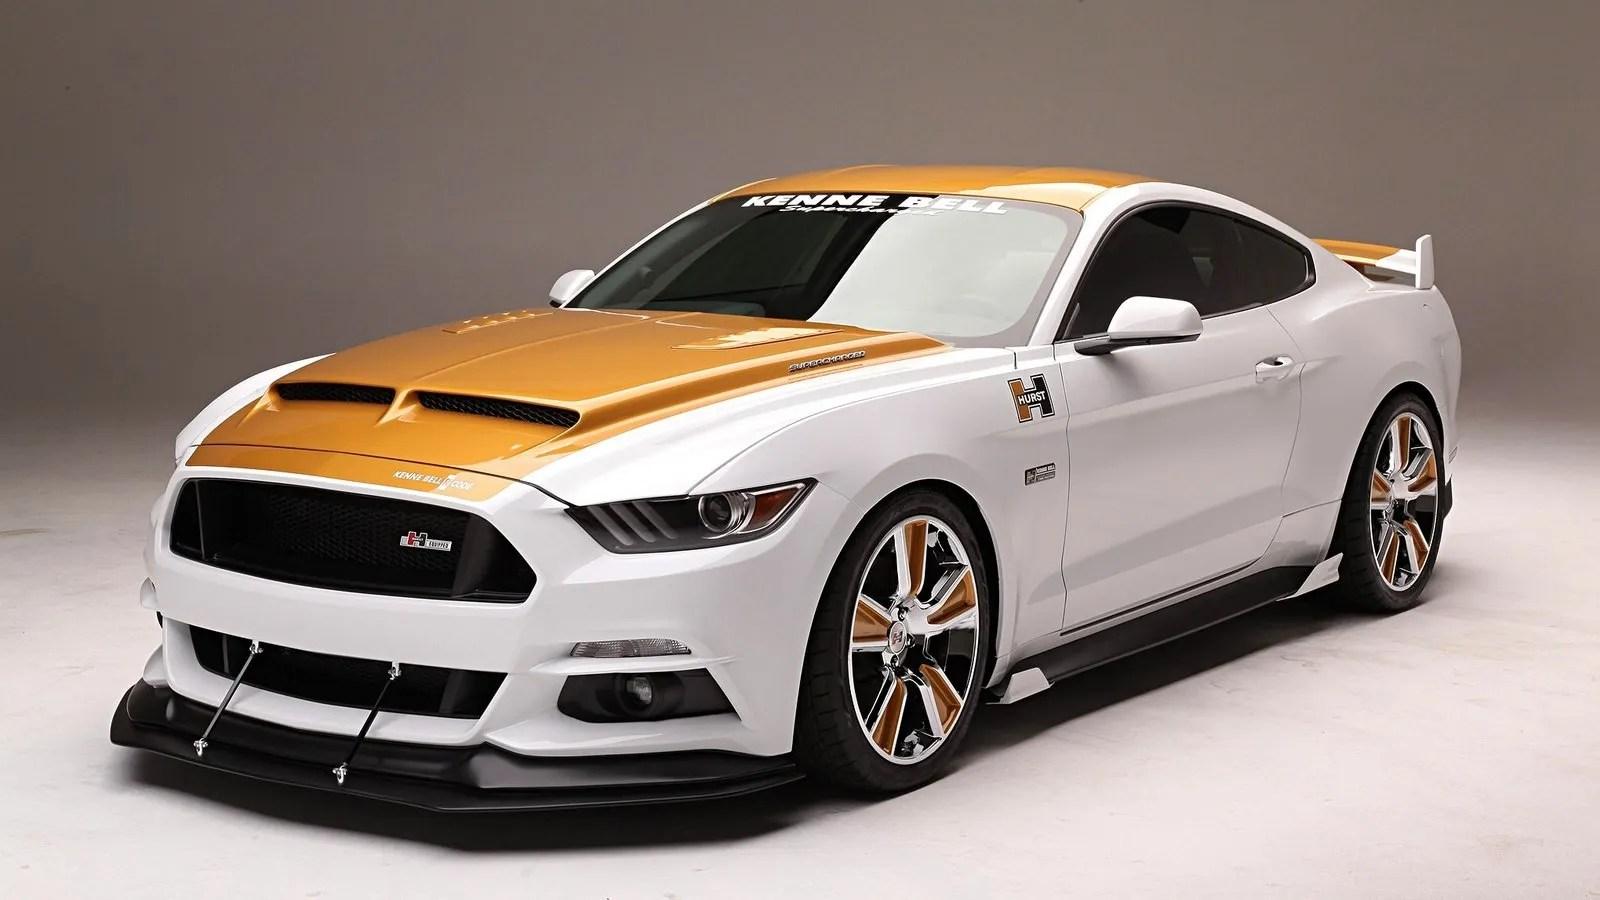 2017 Hurst Kenne Bell RCode Mustang  Top Speed